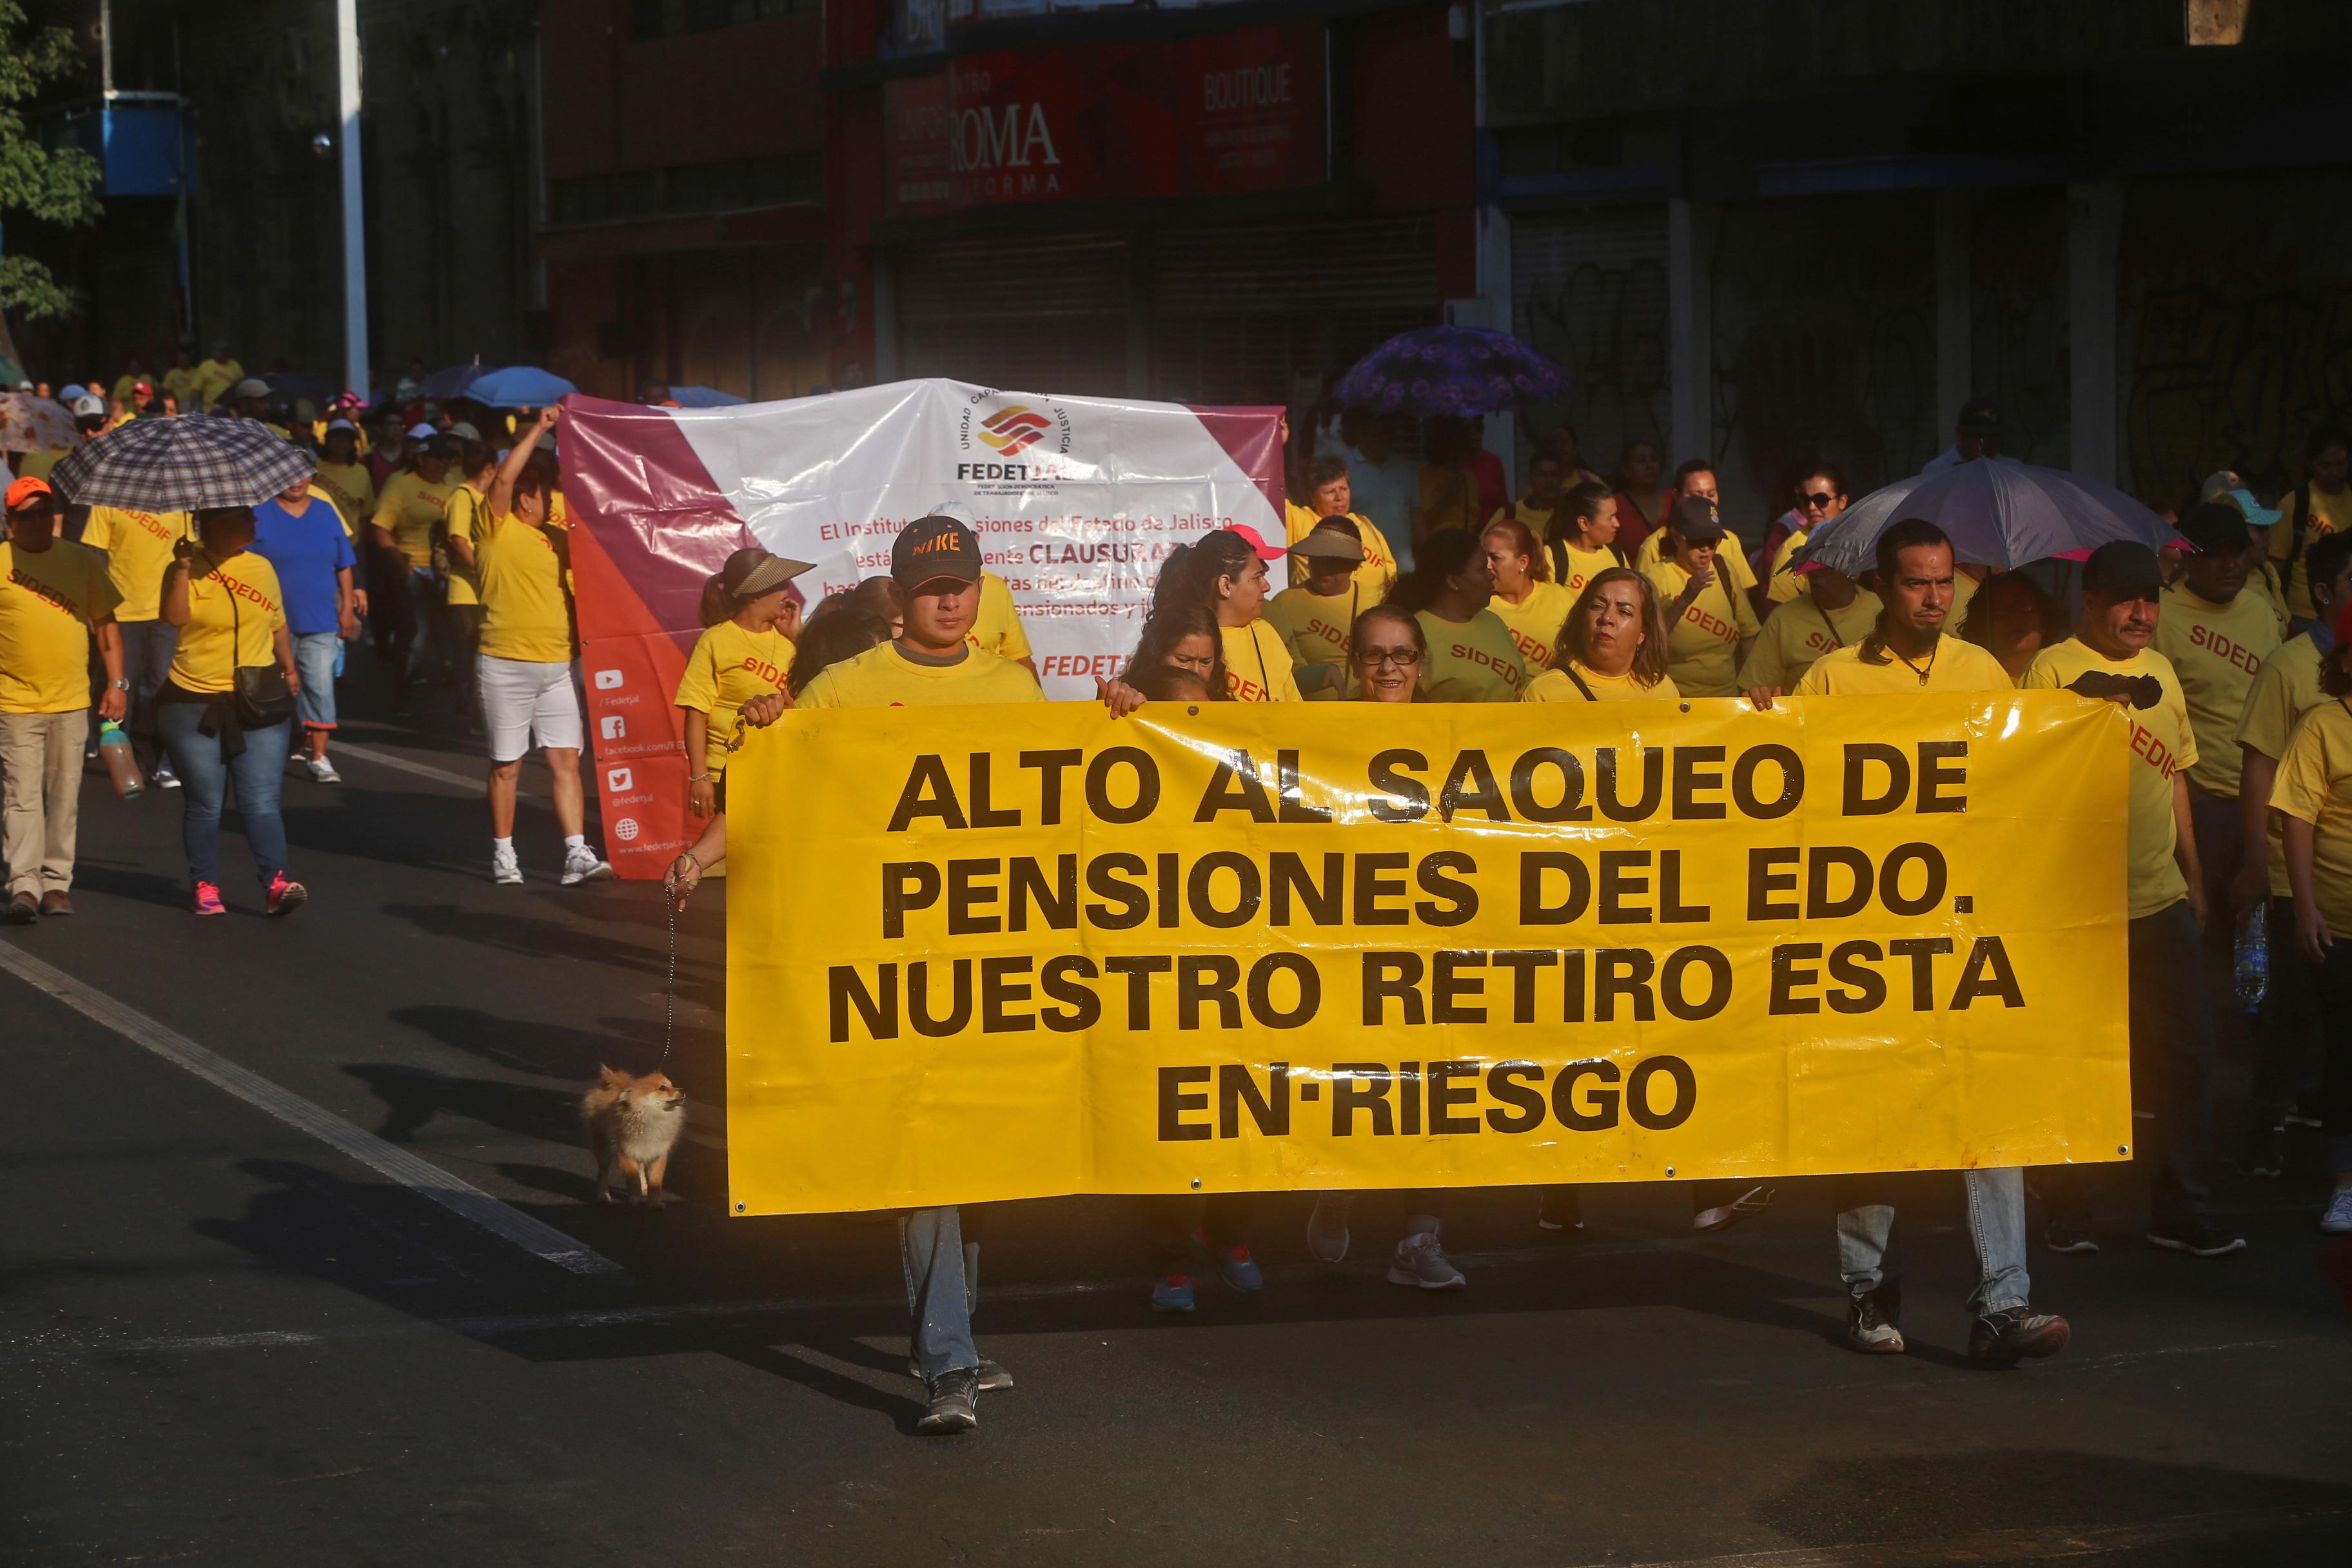 GUADALAJARA, JALISCO, 01MAYO2019.- Diversos grupos de trabajadores de varias dependencias de gobierno, salieron esta mañana a marchar para conmemorar el Día del Trabajo en el estado, fue de distintos puntos de la ciudad y en distintos horarios pero la mayoría con un mismo destino el centro de la metrópoli y un objetivo claro, levantar la voz en pro de sus derechos laborales en este día de asueto.FOTO: FERNANDO CARRANZA GARCIA / CUARTOSCURO